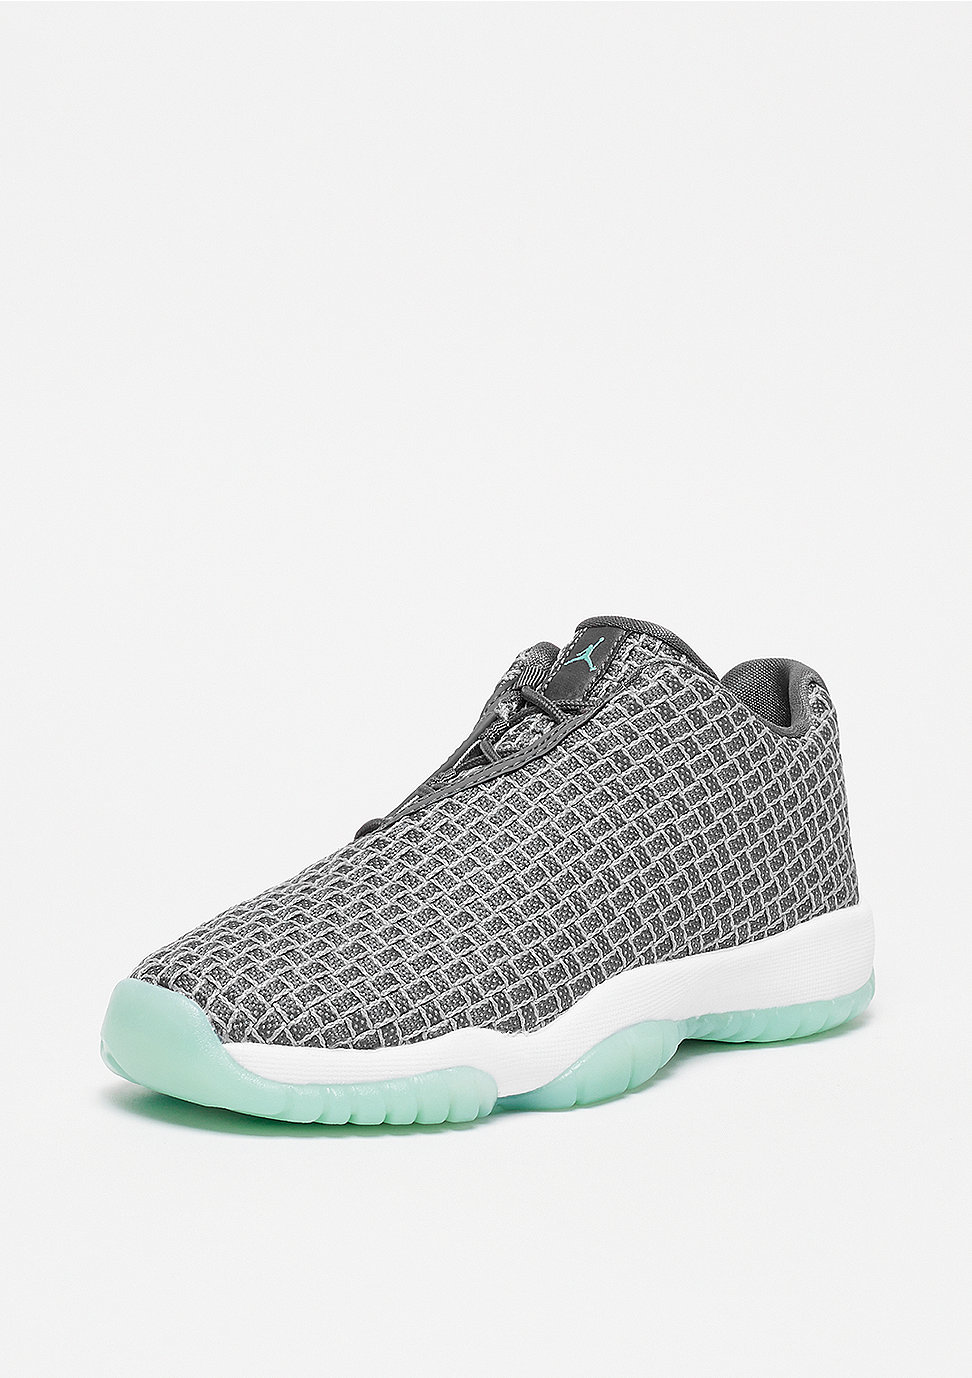 3b448316ccefd3 JORDAN Air JORDAN Future Low Sneaker bei SNIPES